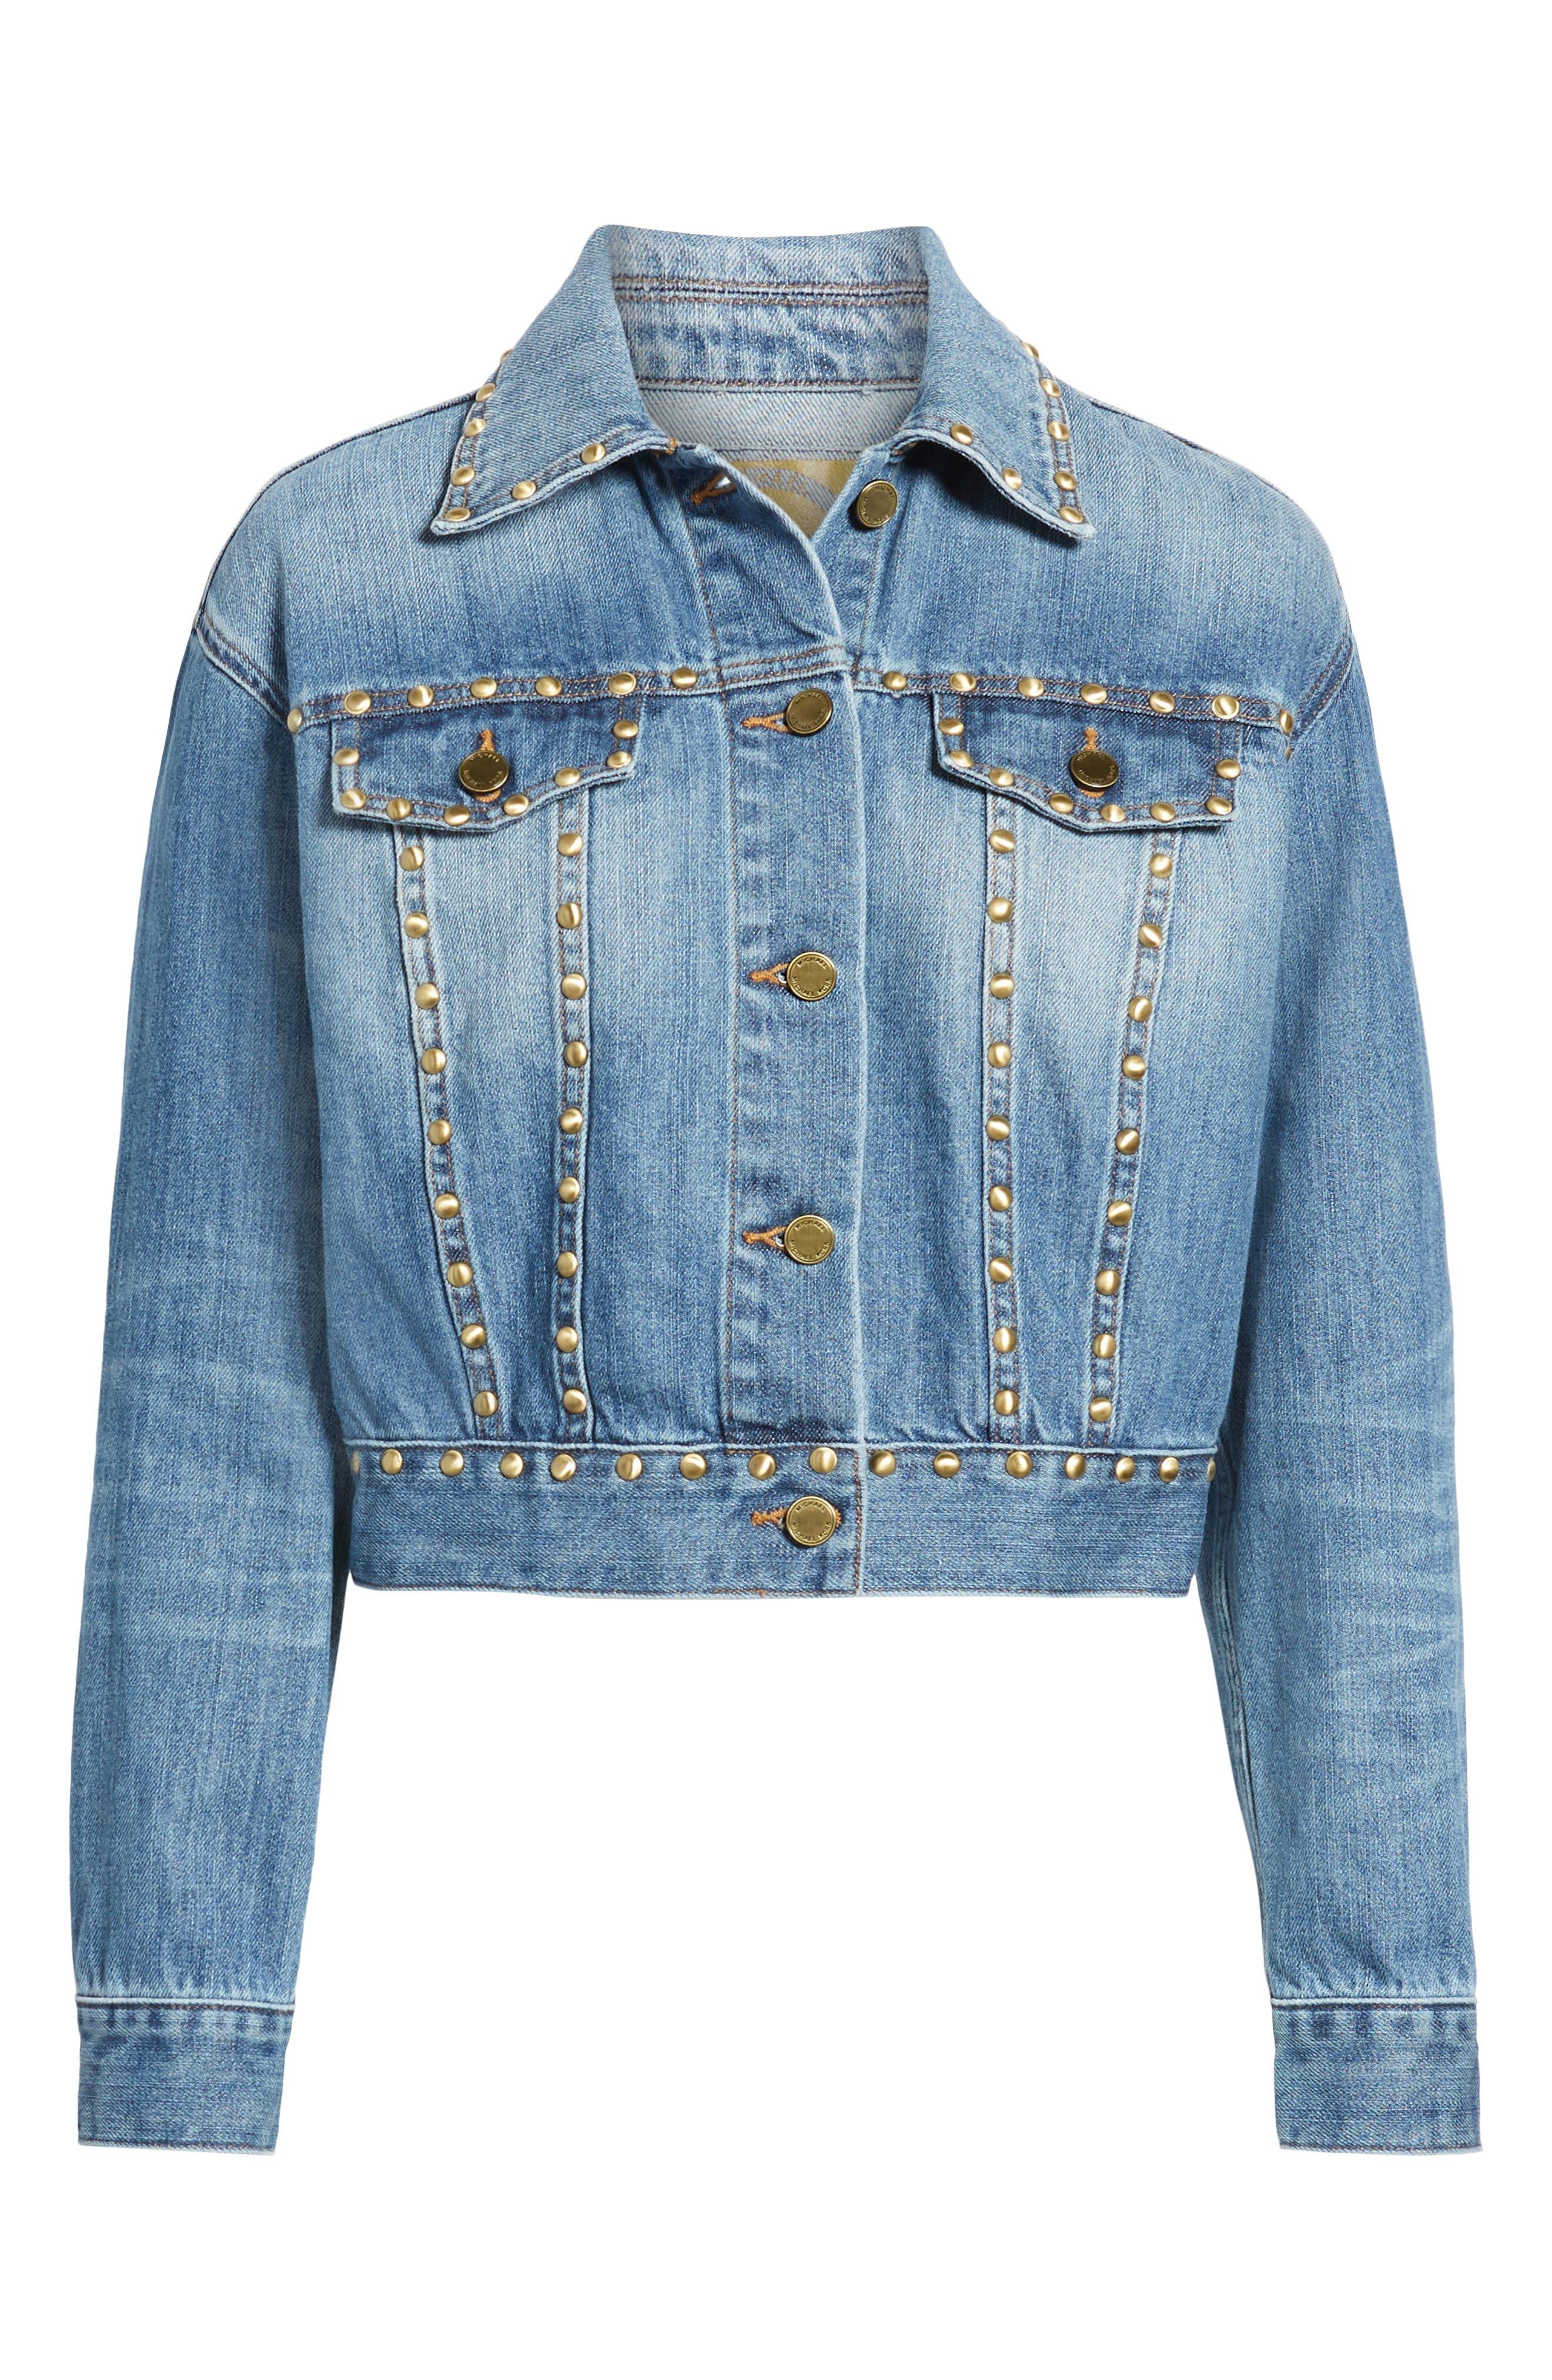 Studded Denim Jacket,                             Alternate thumbnail 6, color,                             ANTIQUE WASH